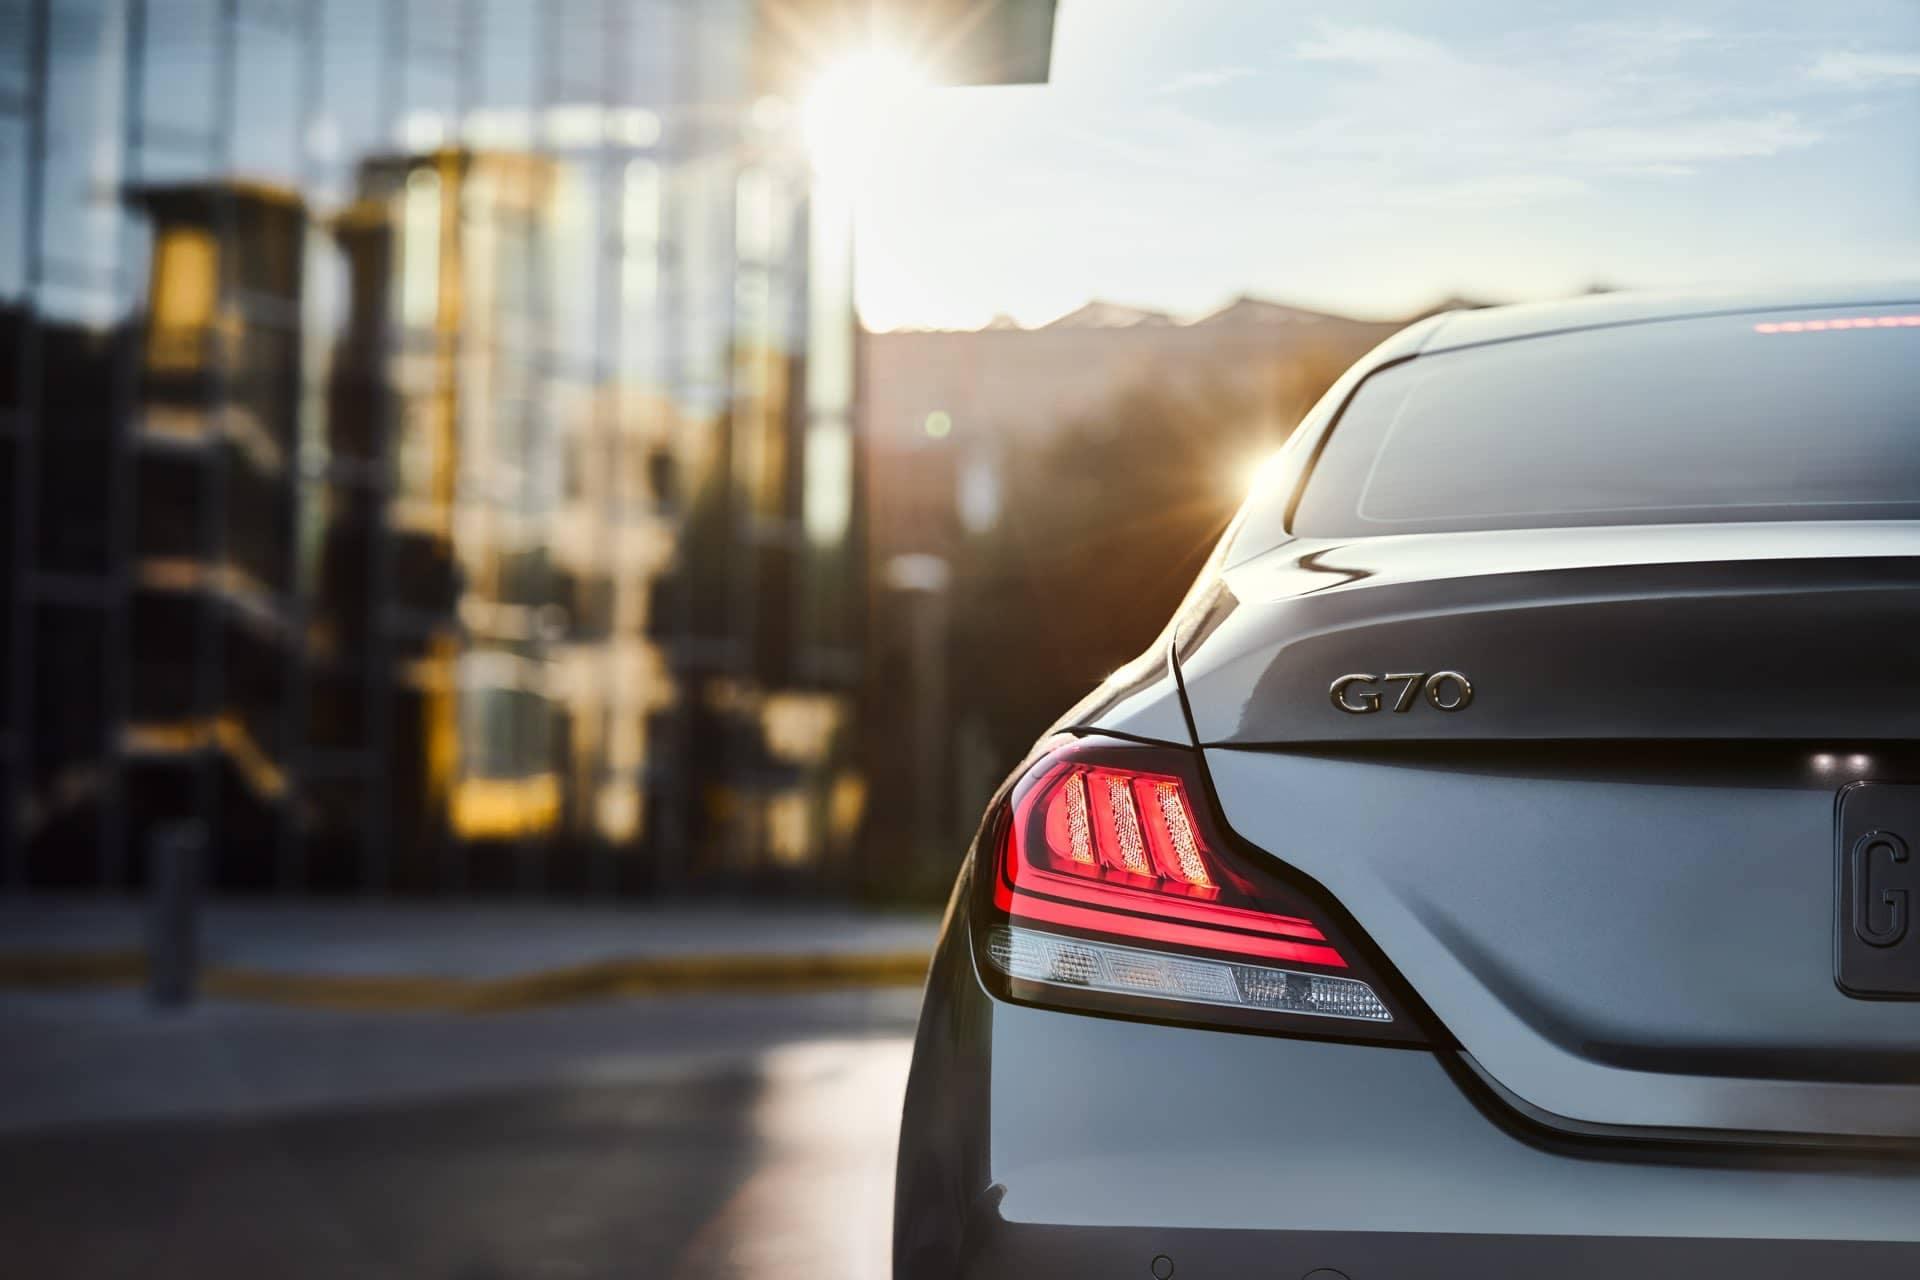 G70 Sport tail light